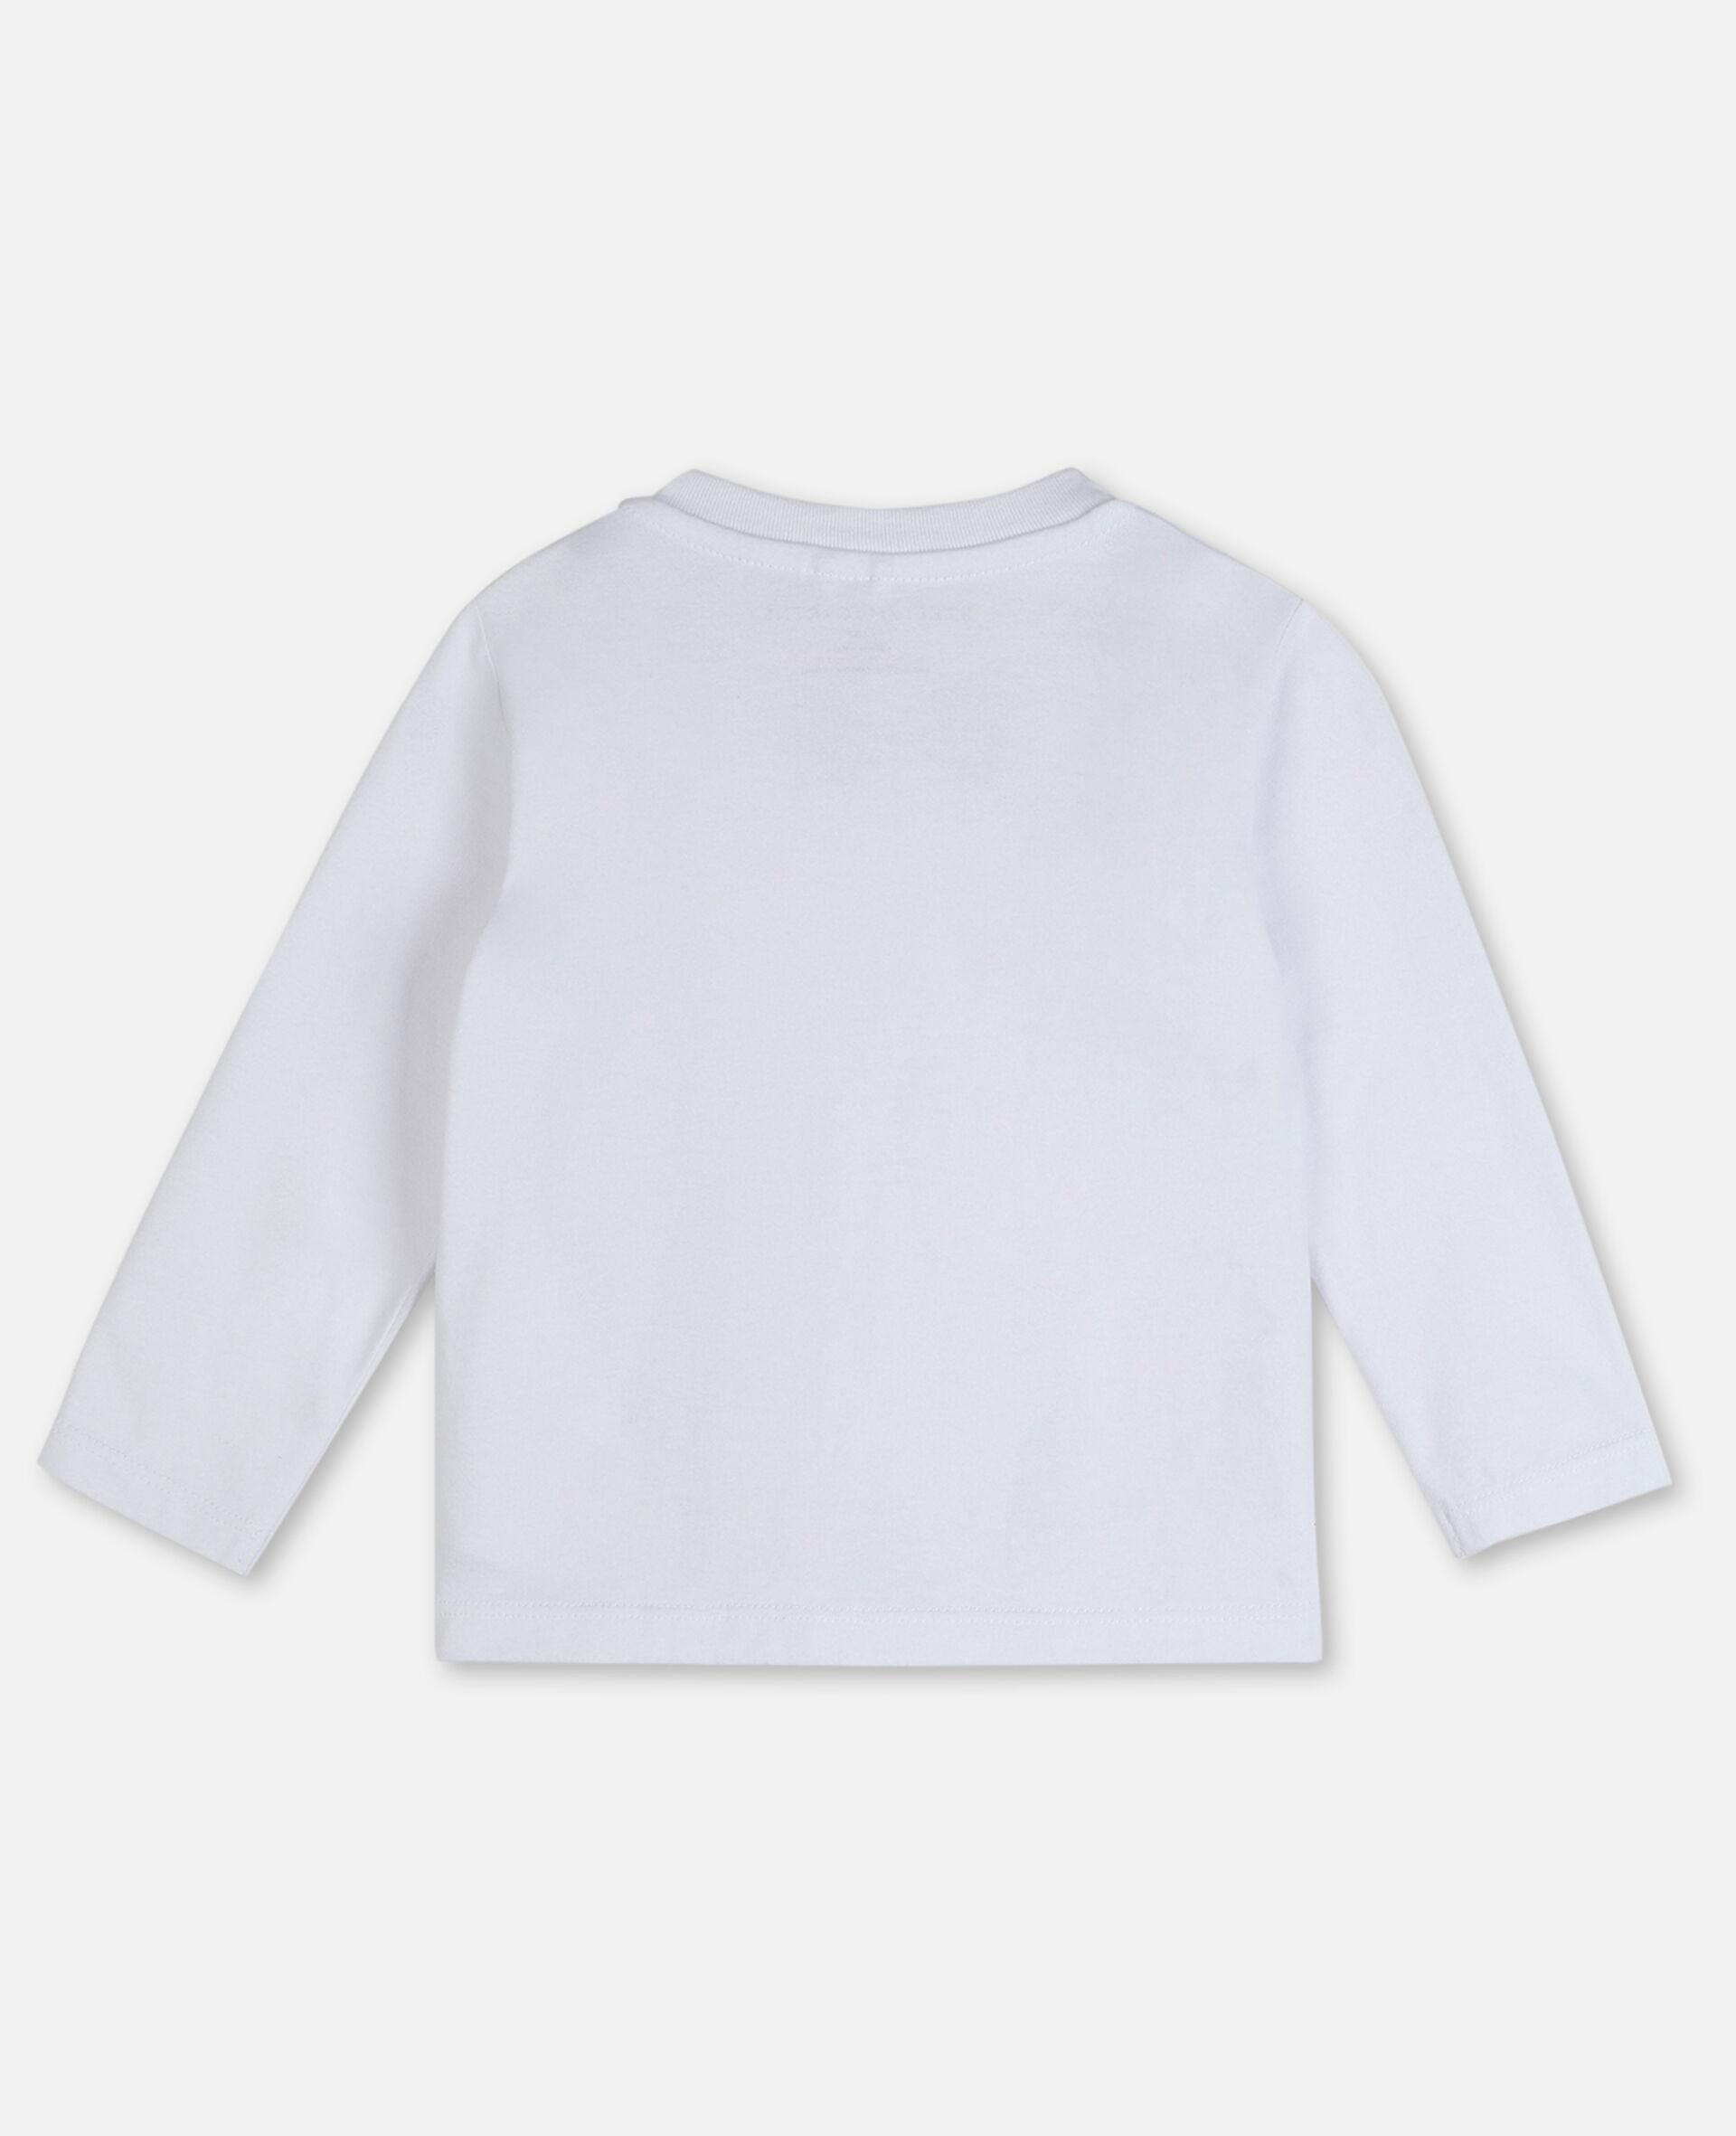 ブレイス コットン Tシャツ -ホワイト-large image number 3